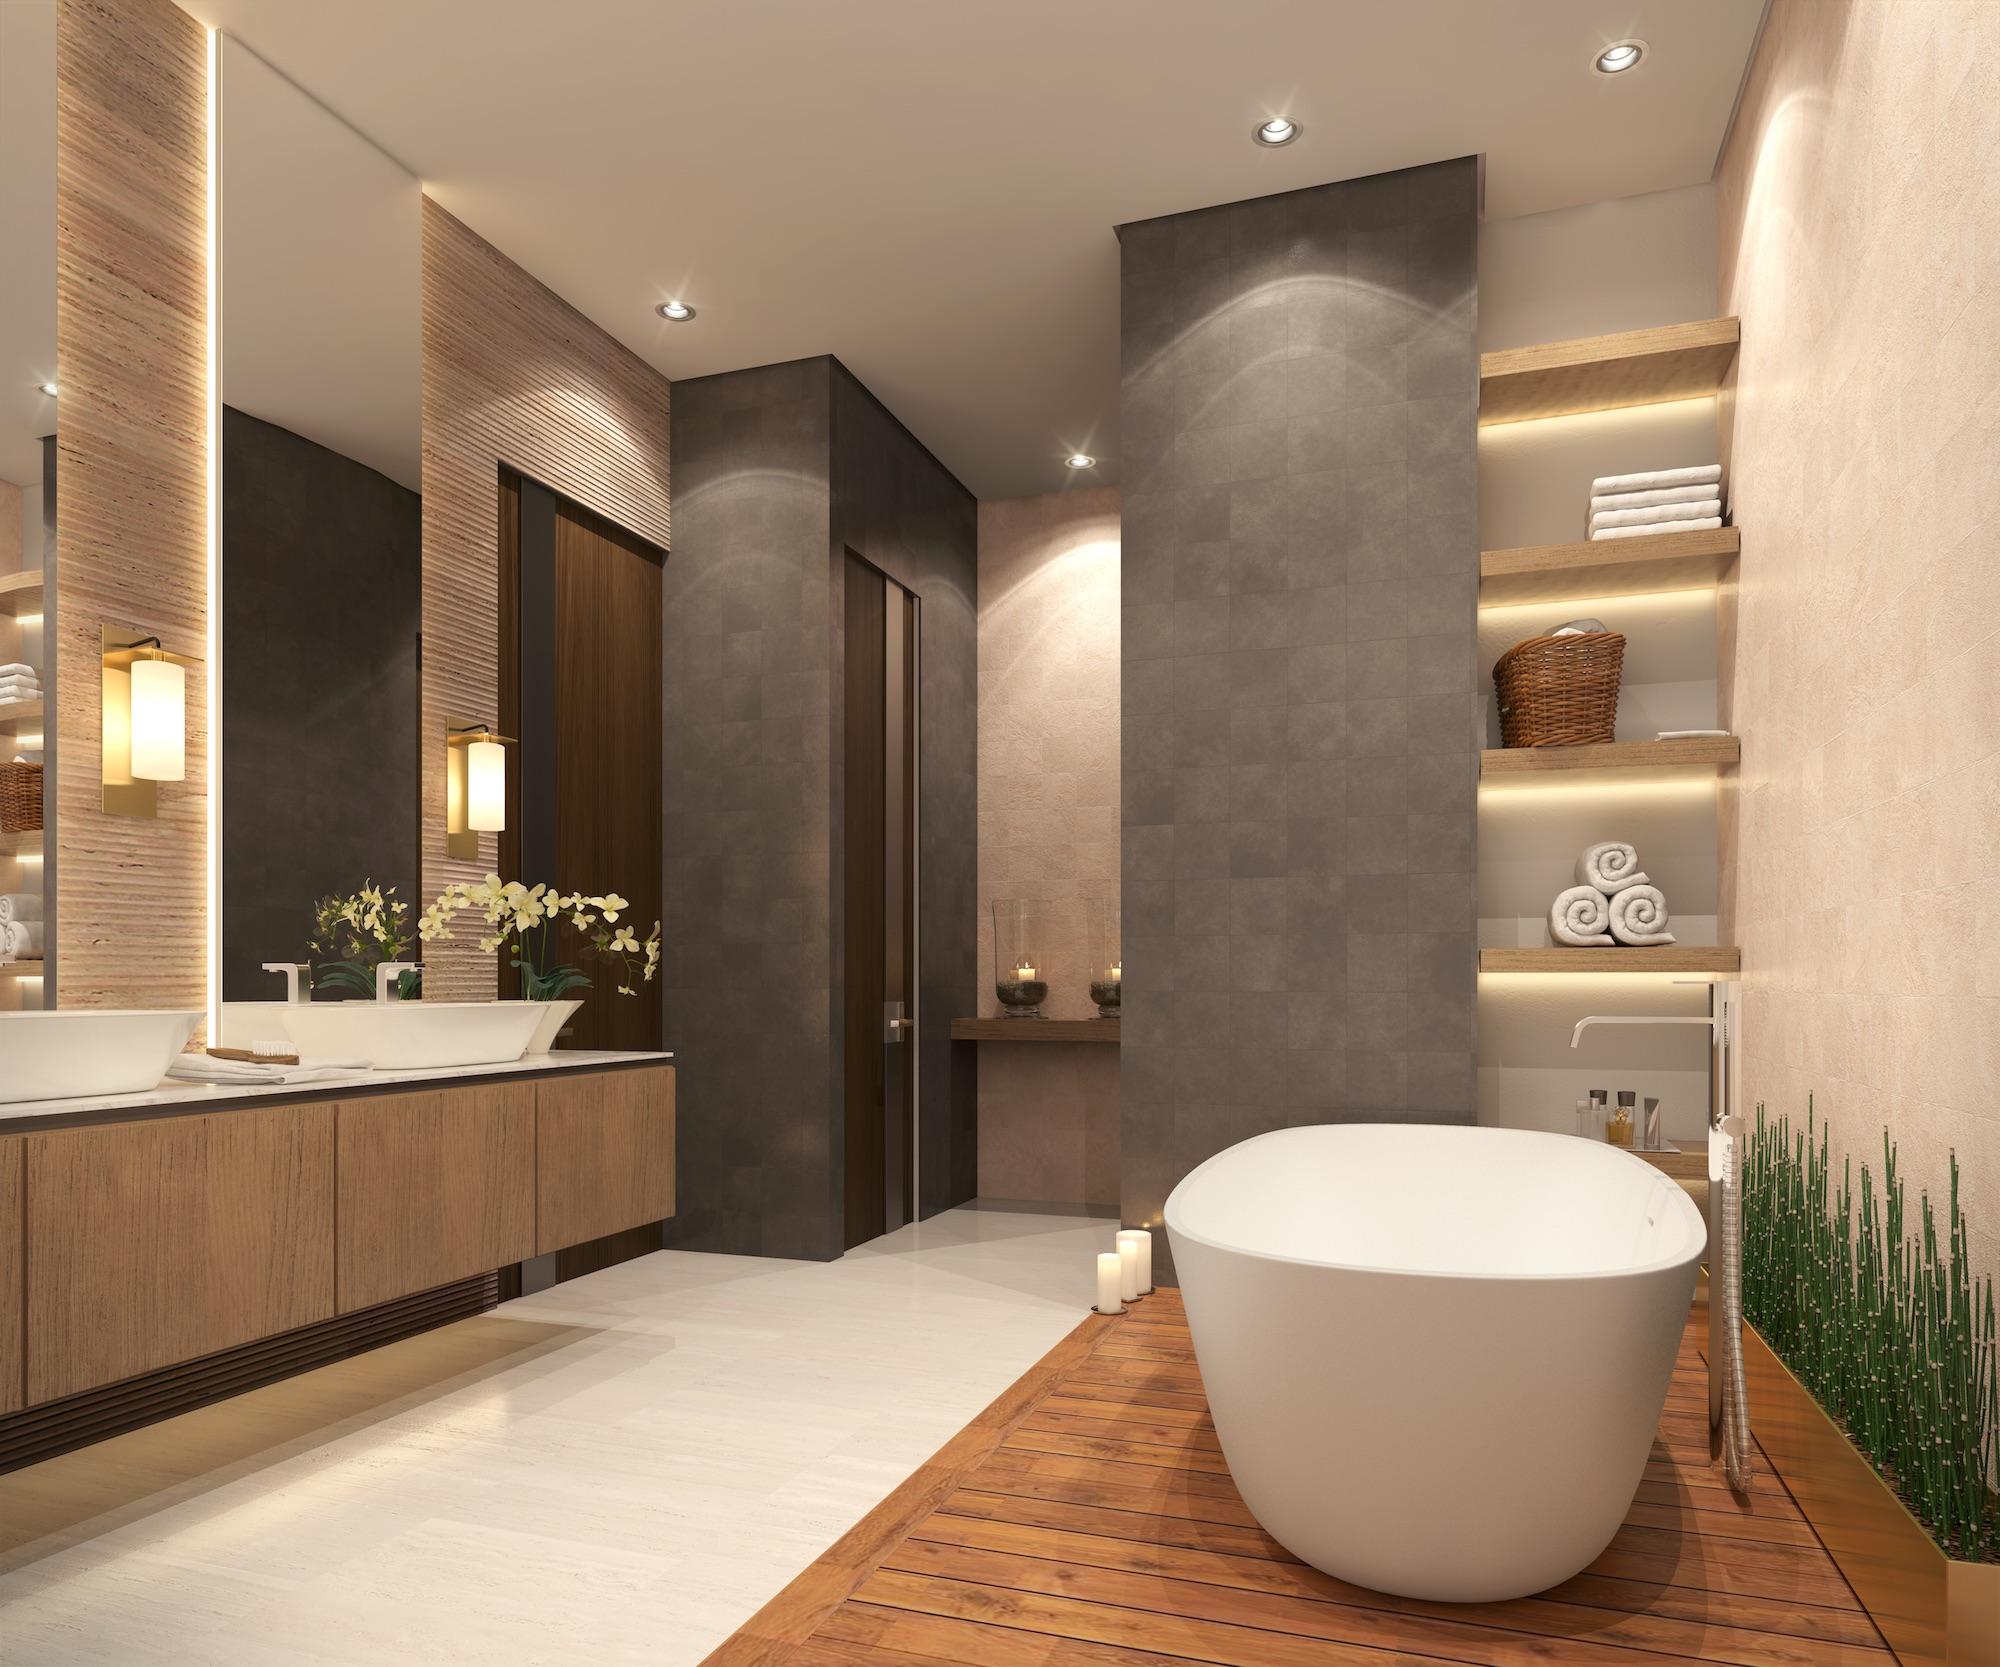 12 Echo Apartamentos - Baño Principal copy.jpg